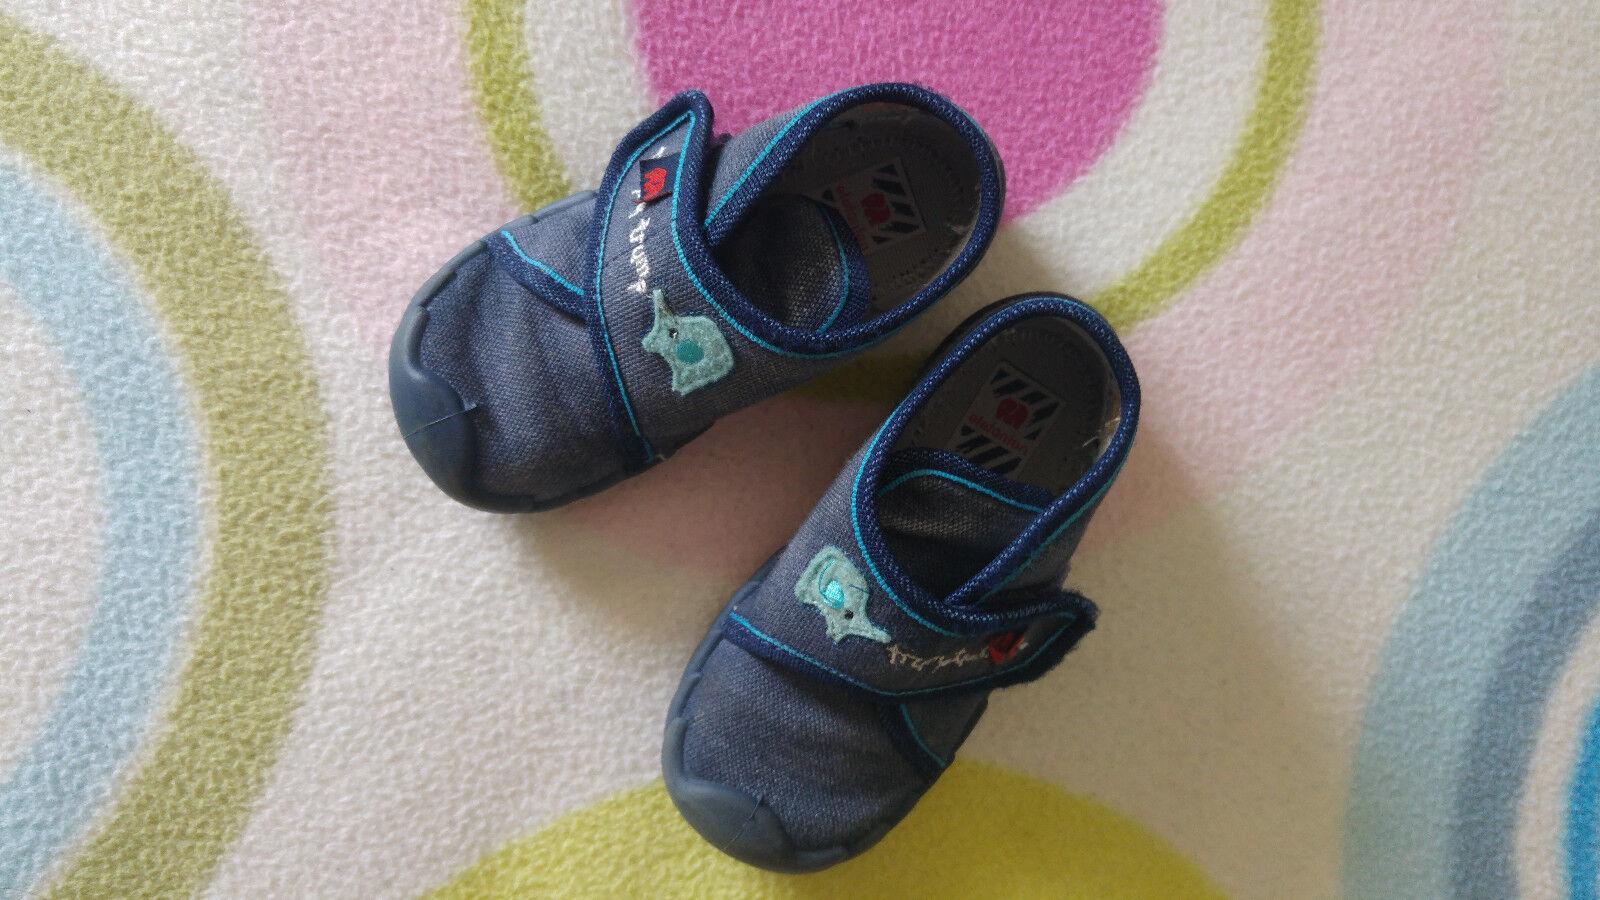 Kinderschuhe / Schuhe für Kleinkinder / Hausschuhe / Marke elefanten / Größe 22